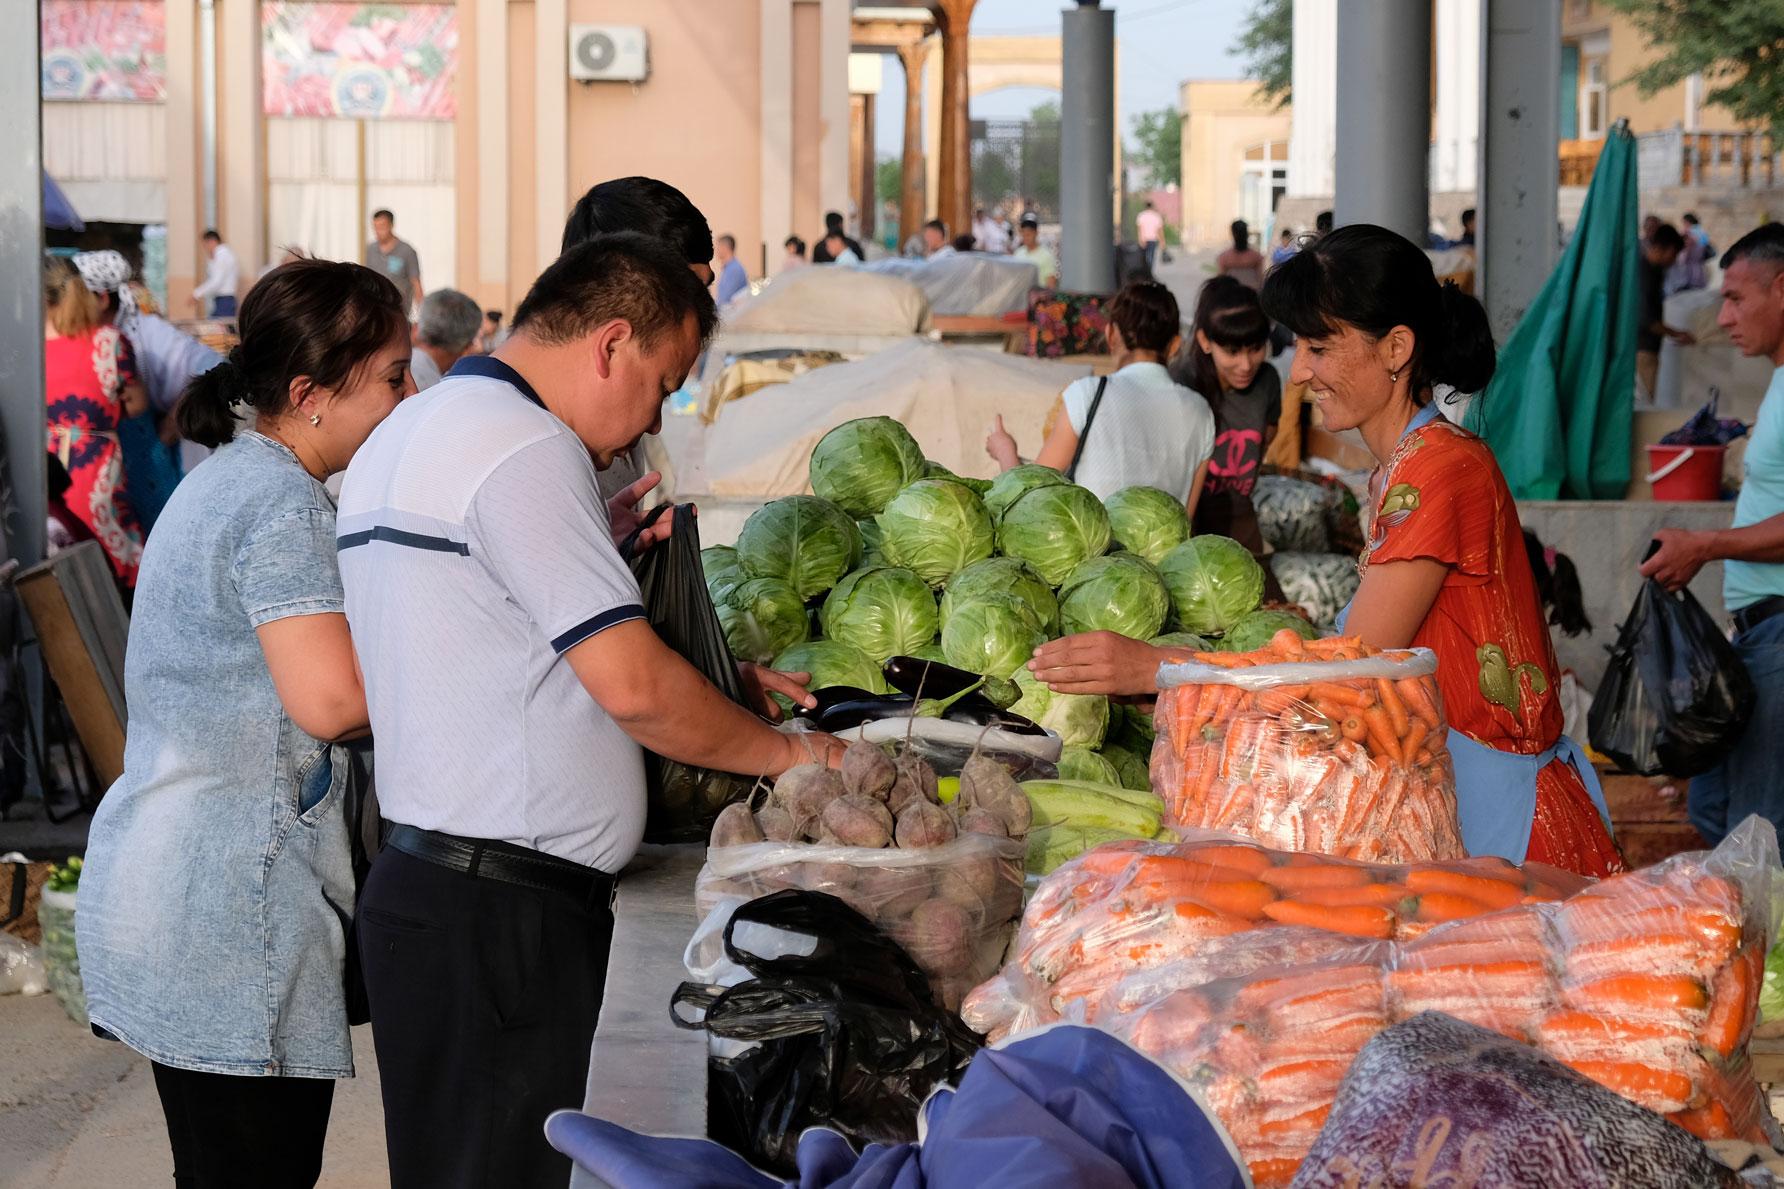 Menschen an einem Marktstand, an derm Kohl verkauft wird